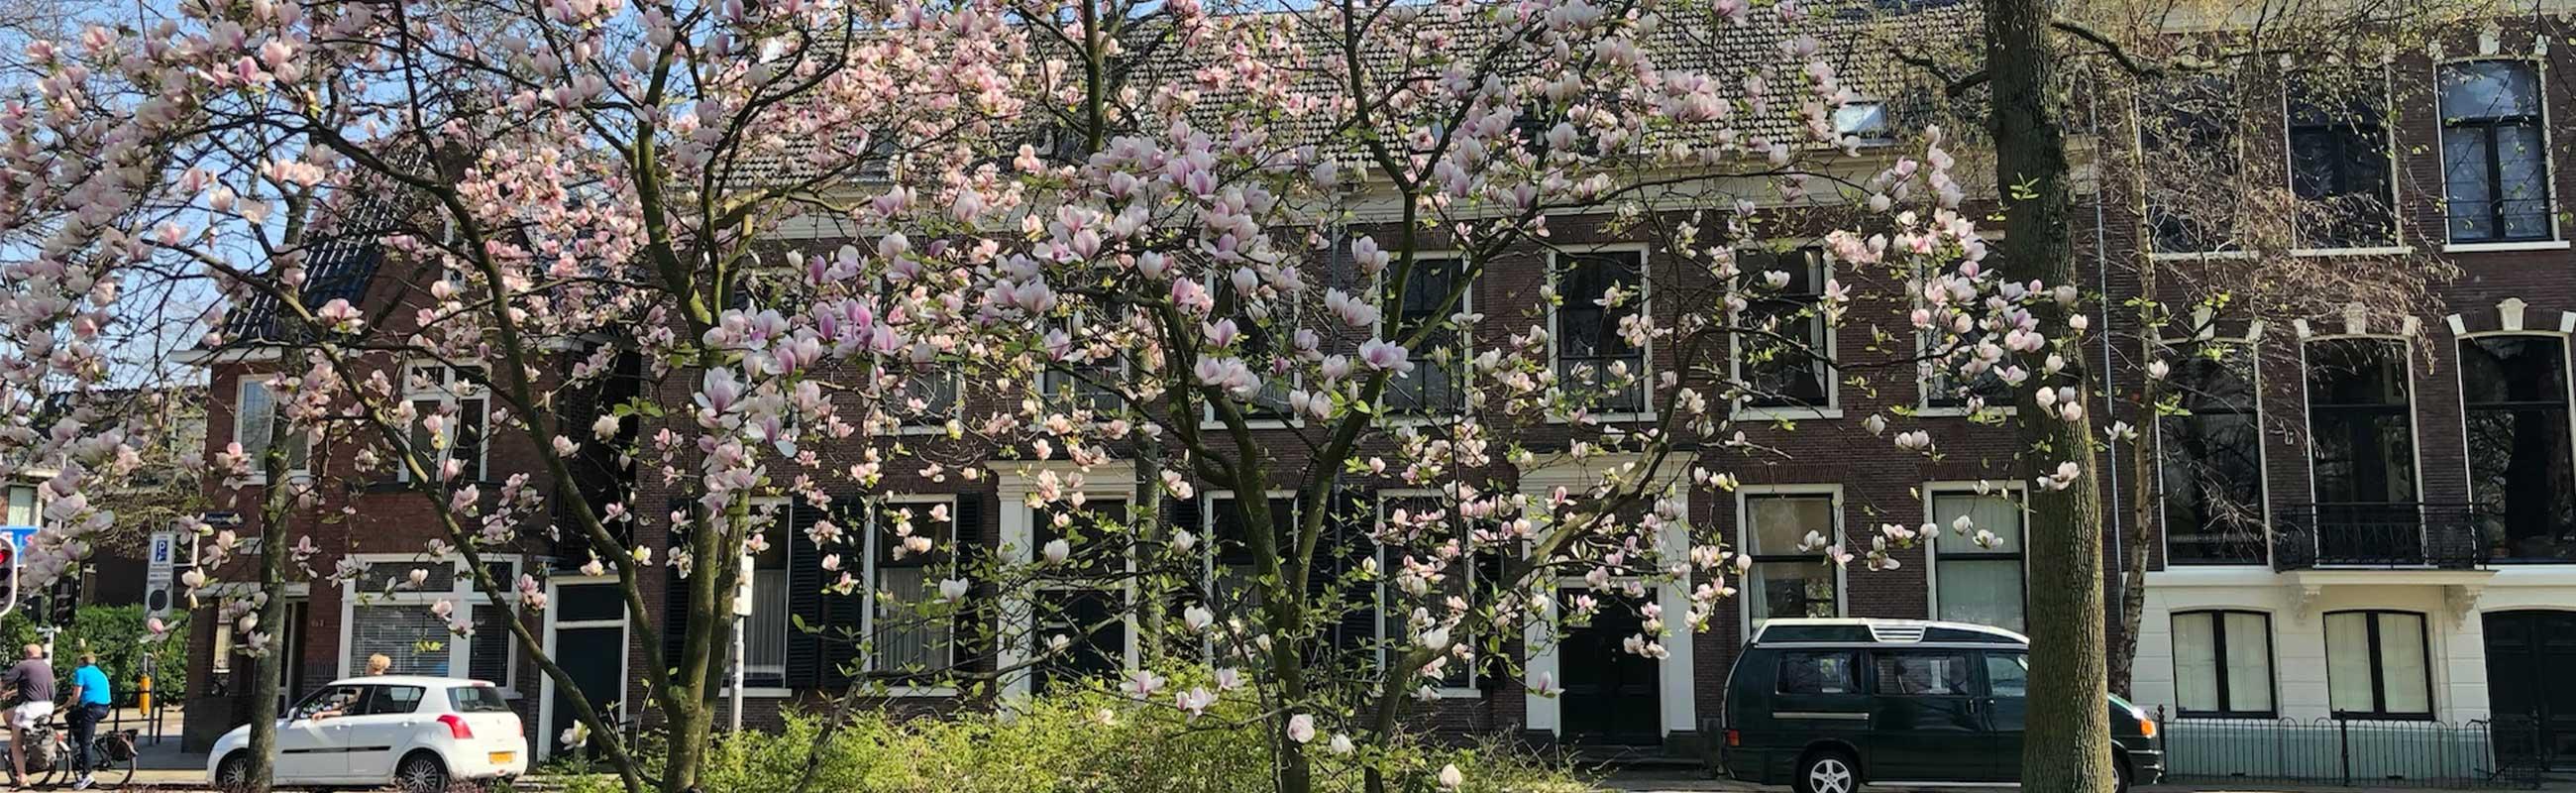 Koopwoningen met fruitbomen voor de deur. Heerlijk wonen aan een park.